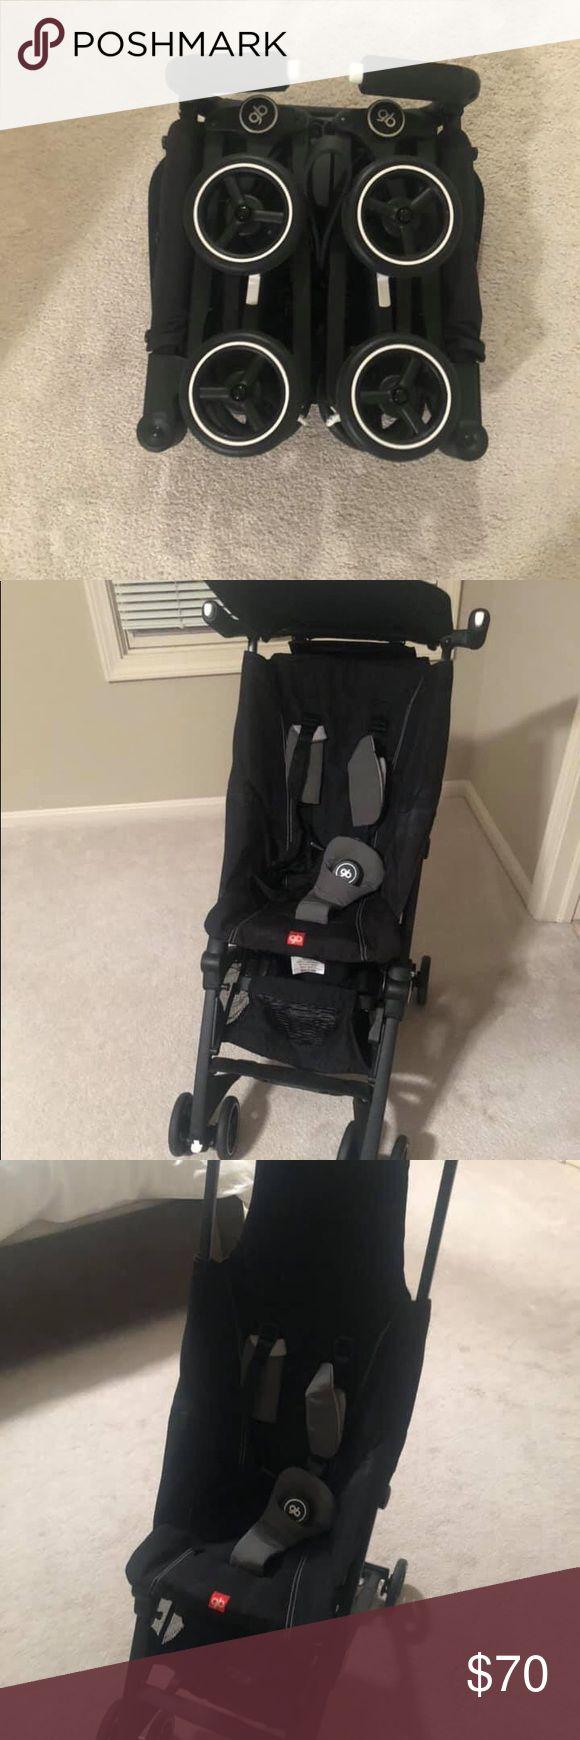 GB Pockit Travel Stroller Travel stroller, Stroller, Travel